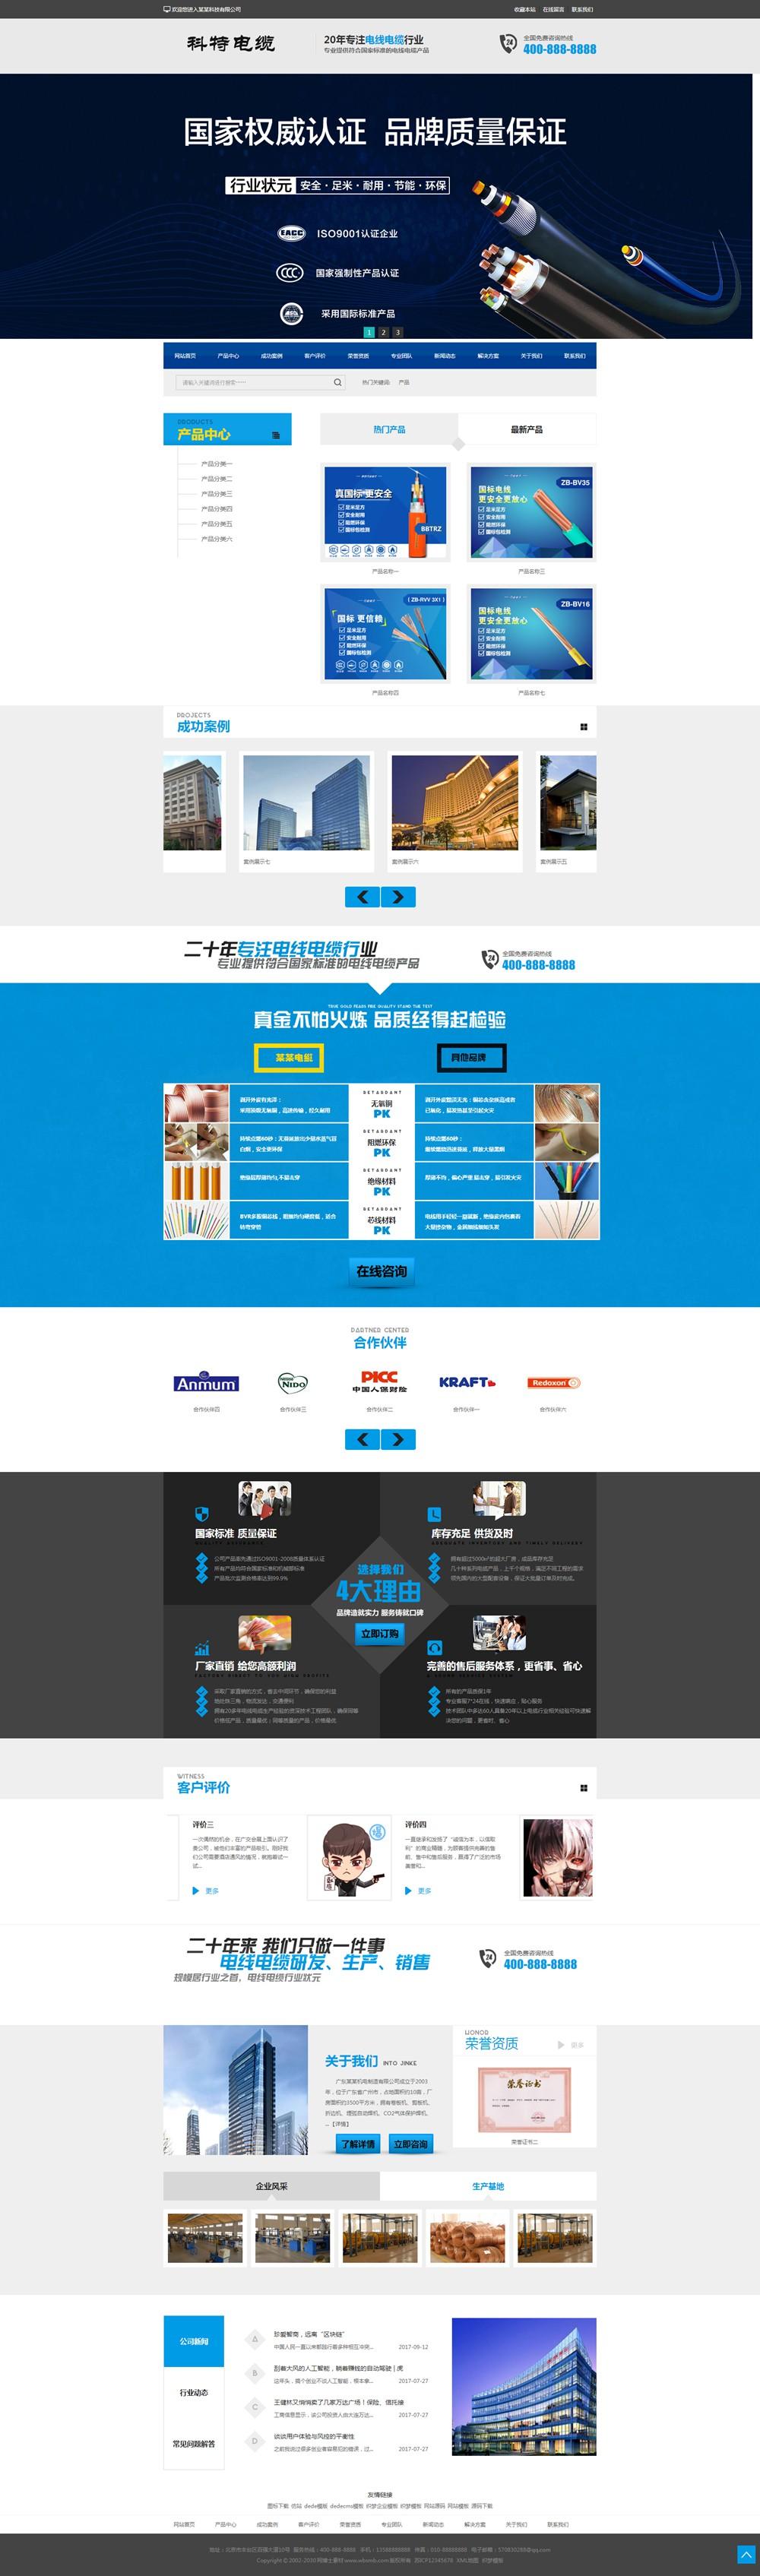 (带手机版数据同步)营销型铝合金电缆类网站织梦模板 蓝色电线电缆网站源码下载